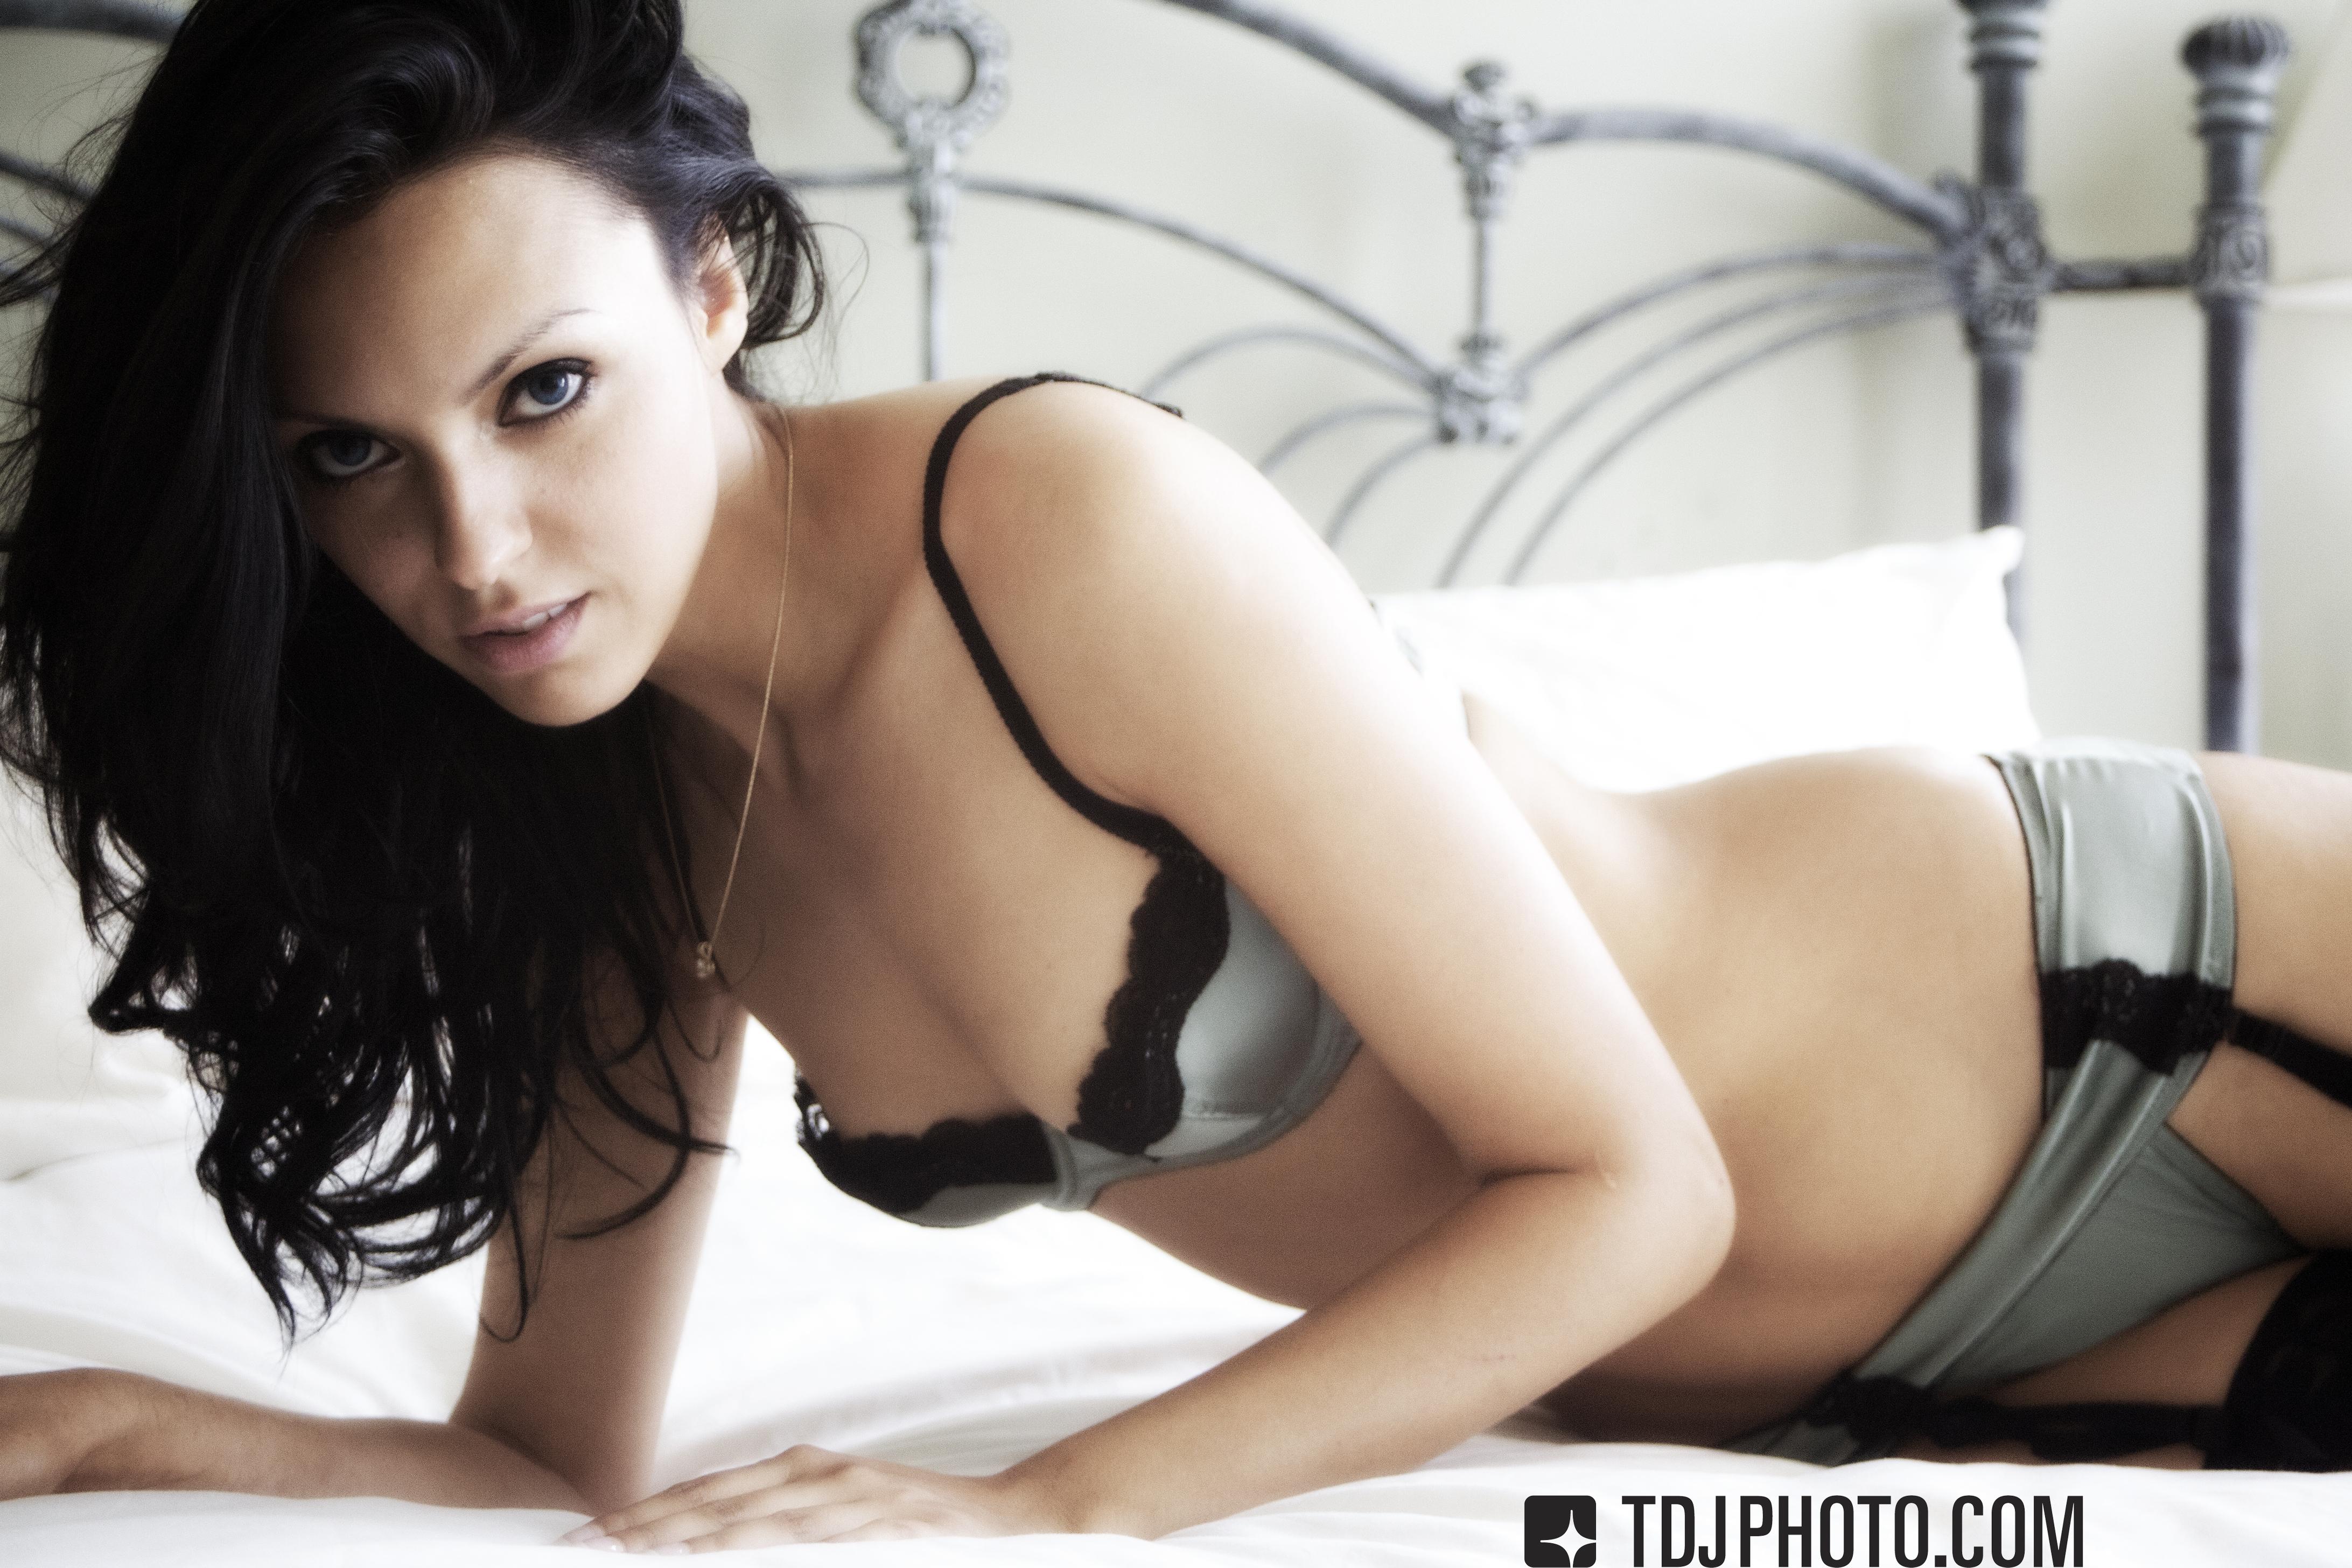 Paula sladewski nude pics